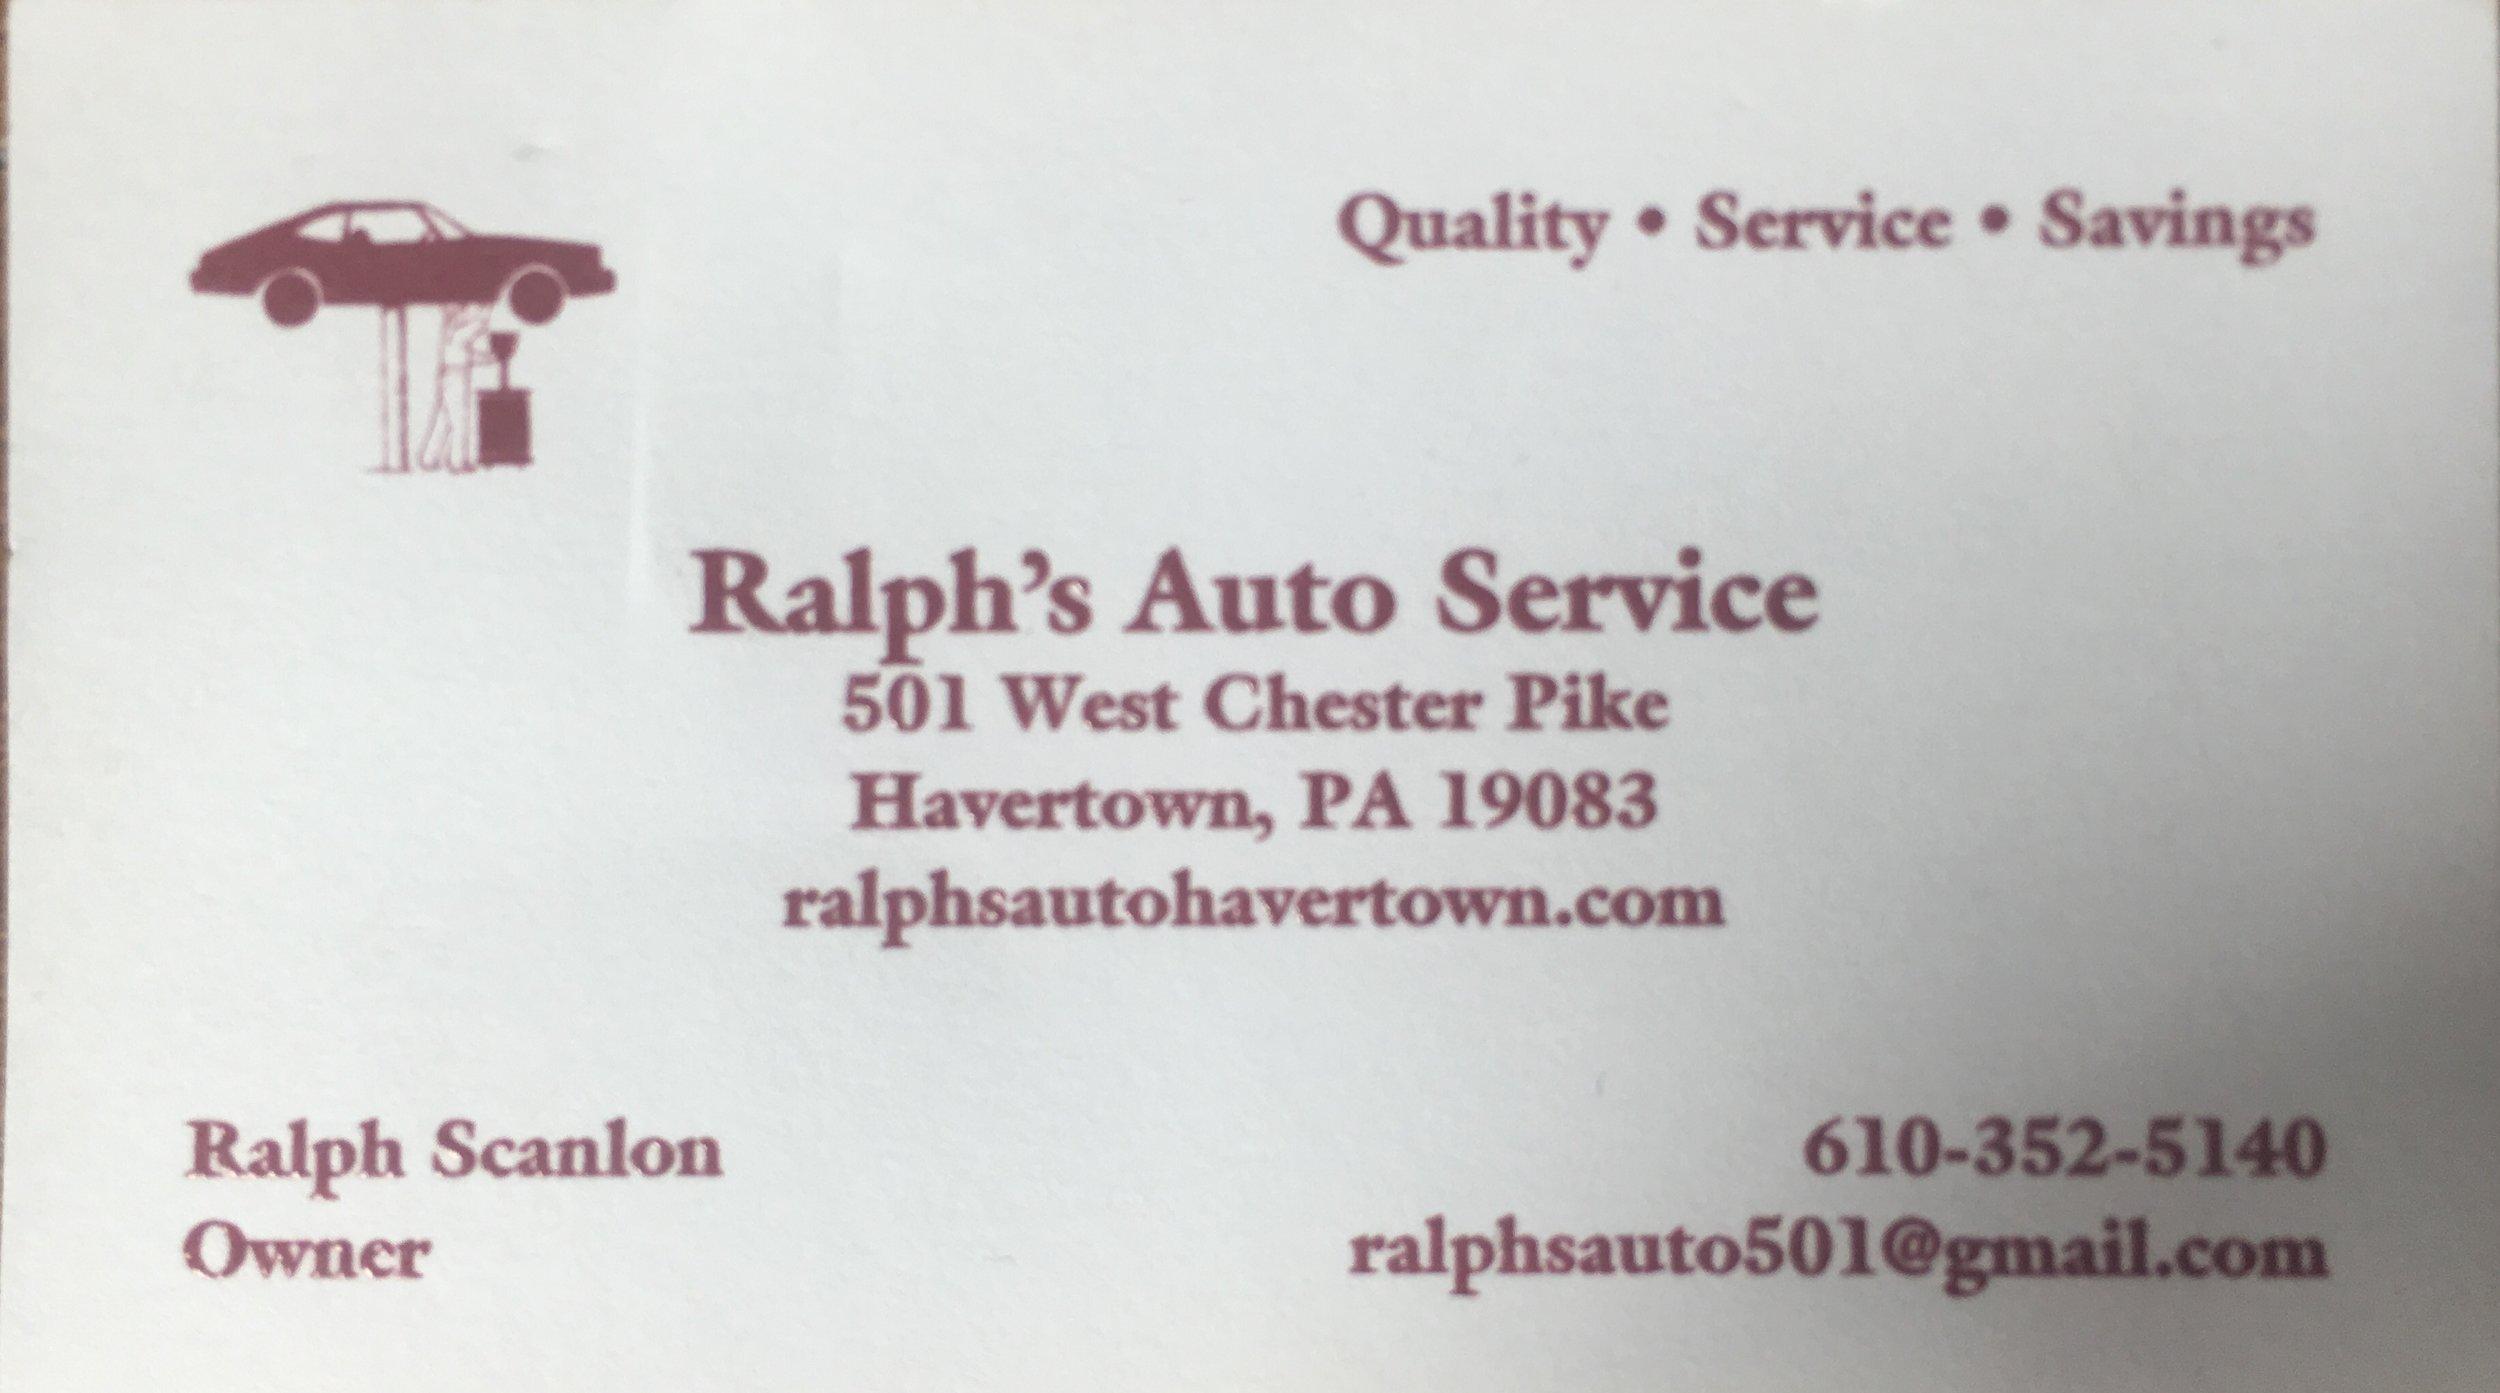 Ralph's Auto Service Card.jpg